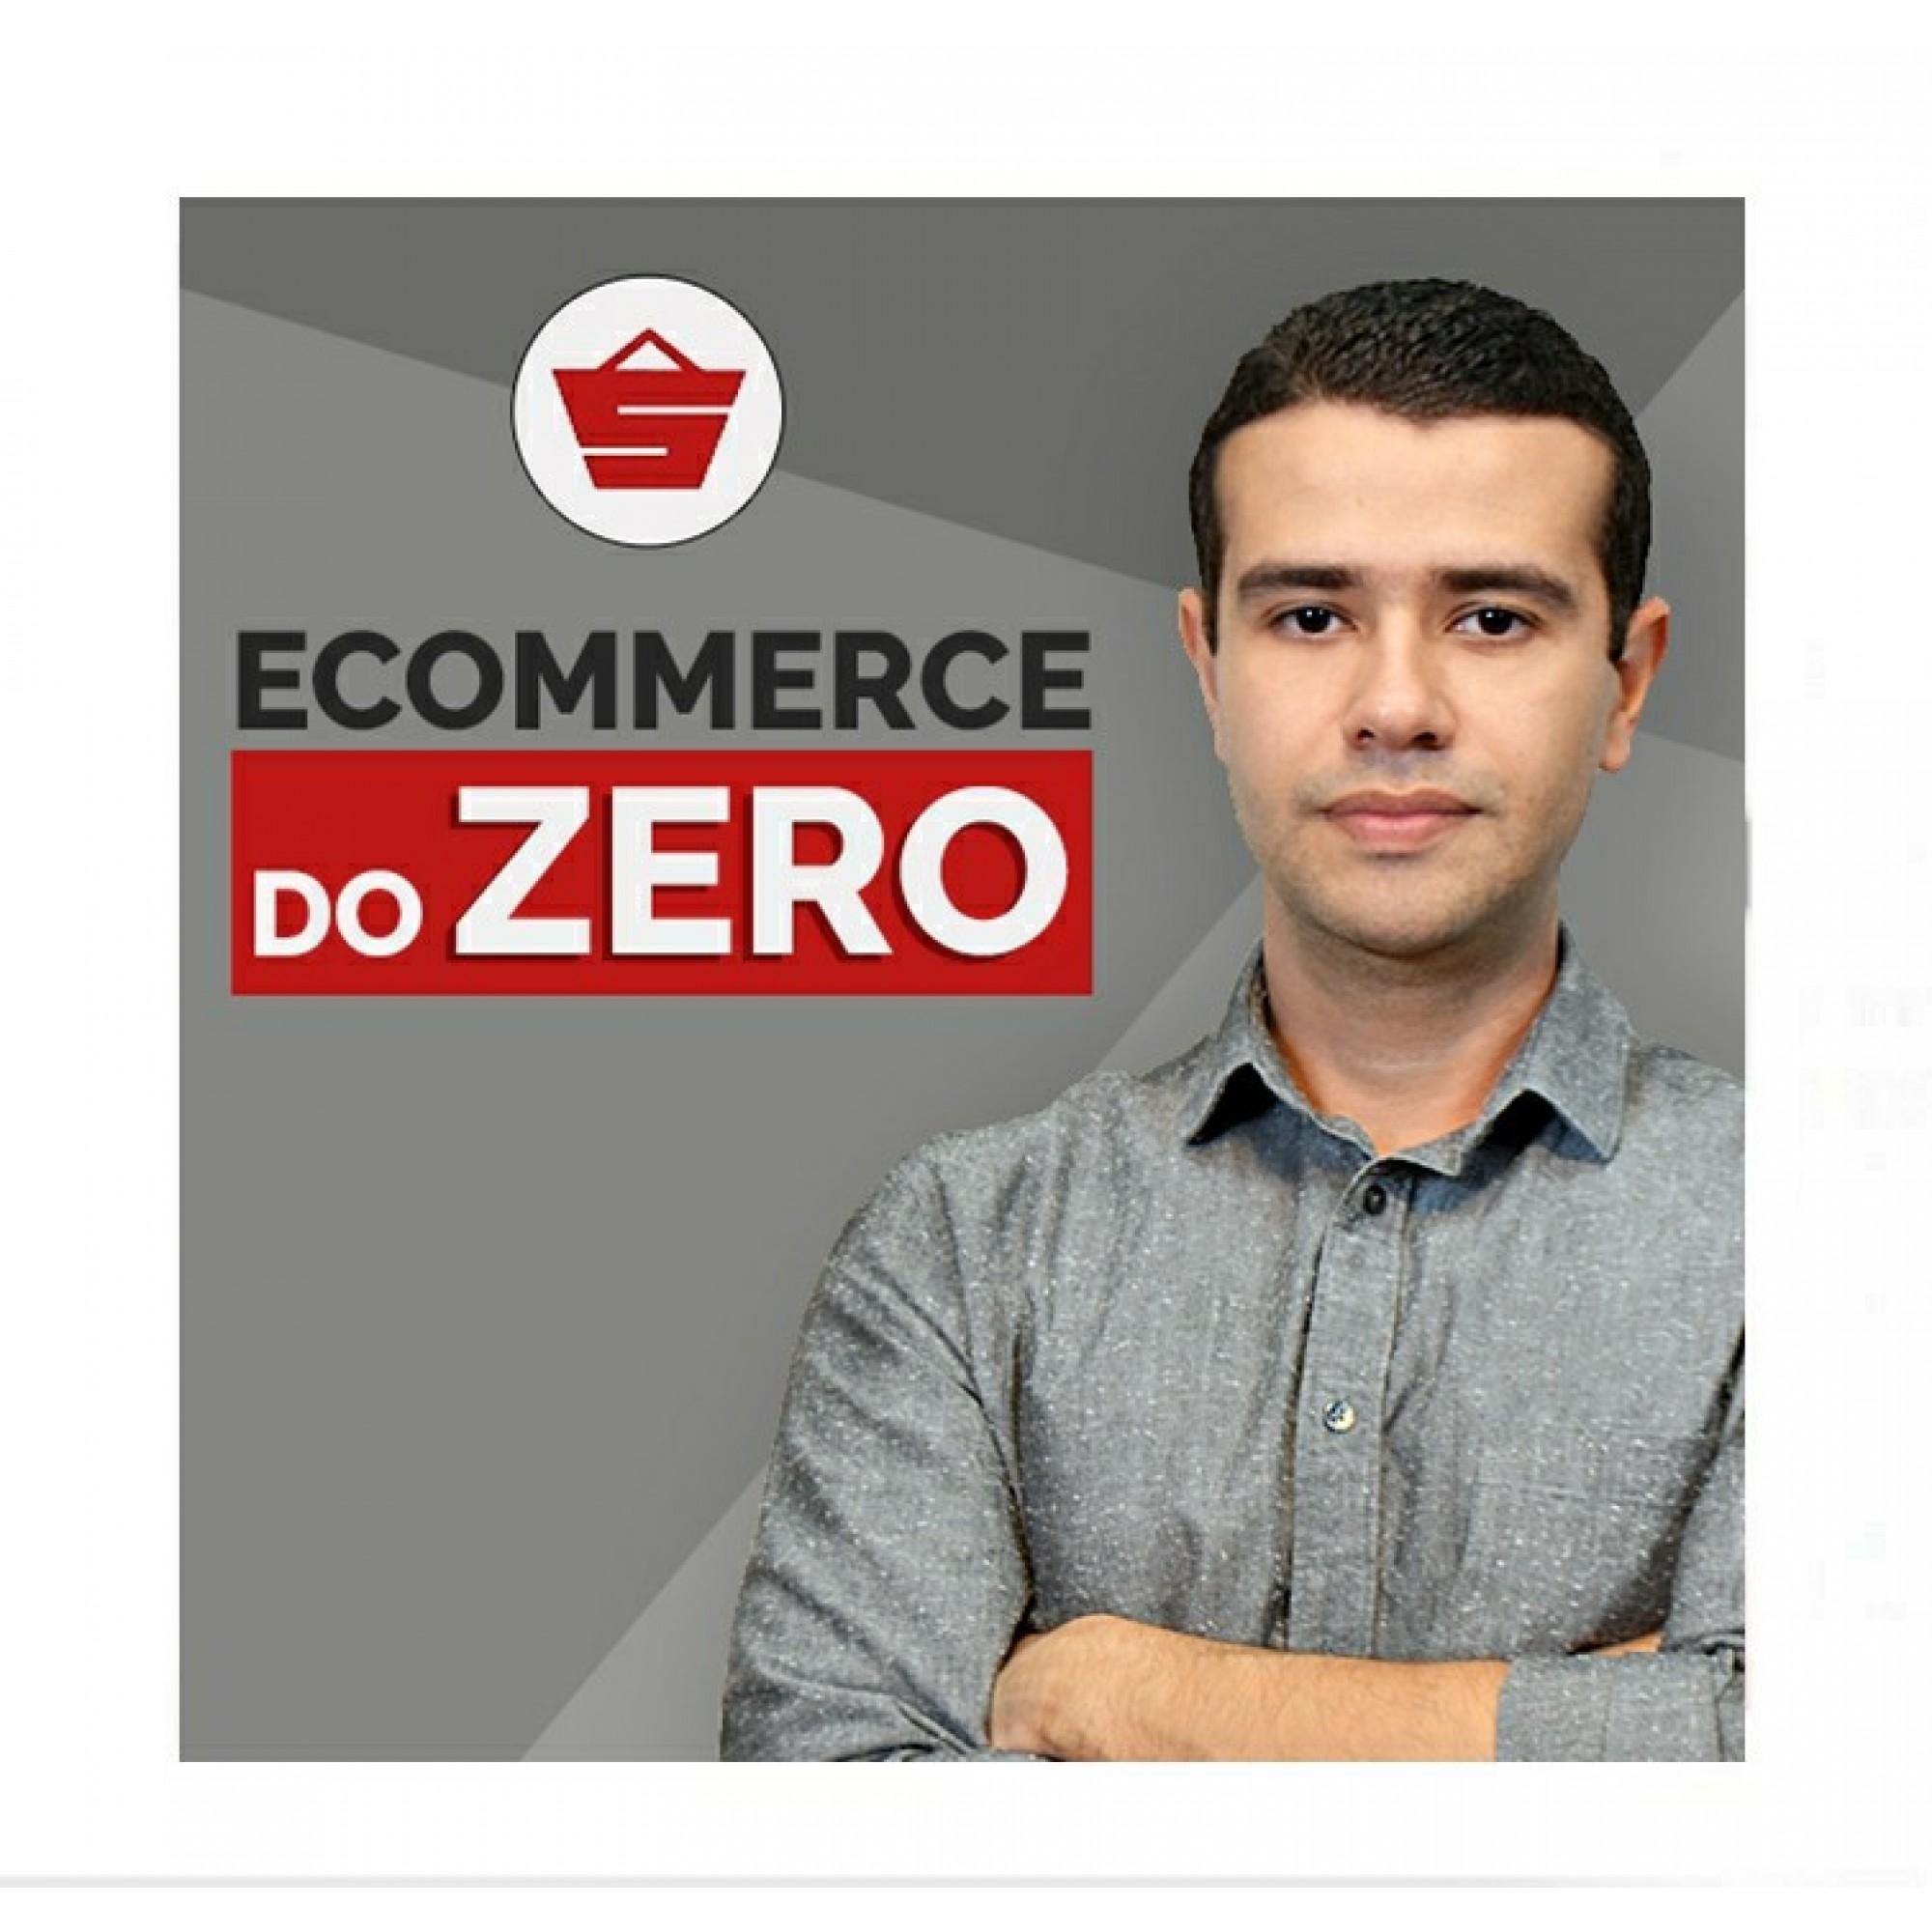 da289ba673a Curso de Ecommerce Começando do Zero